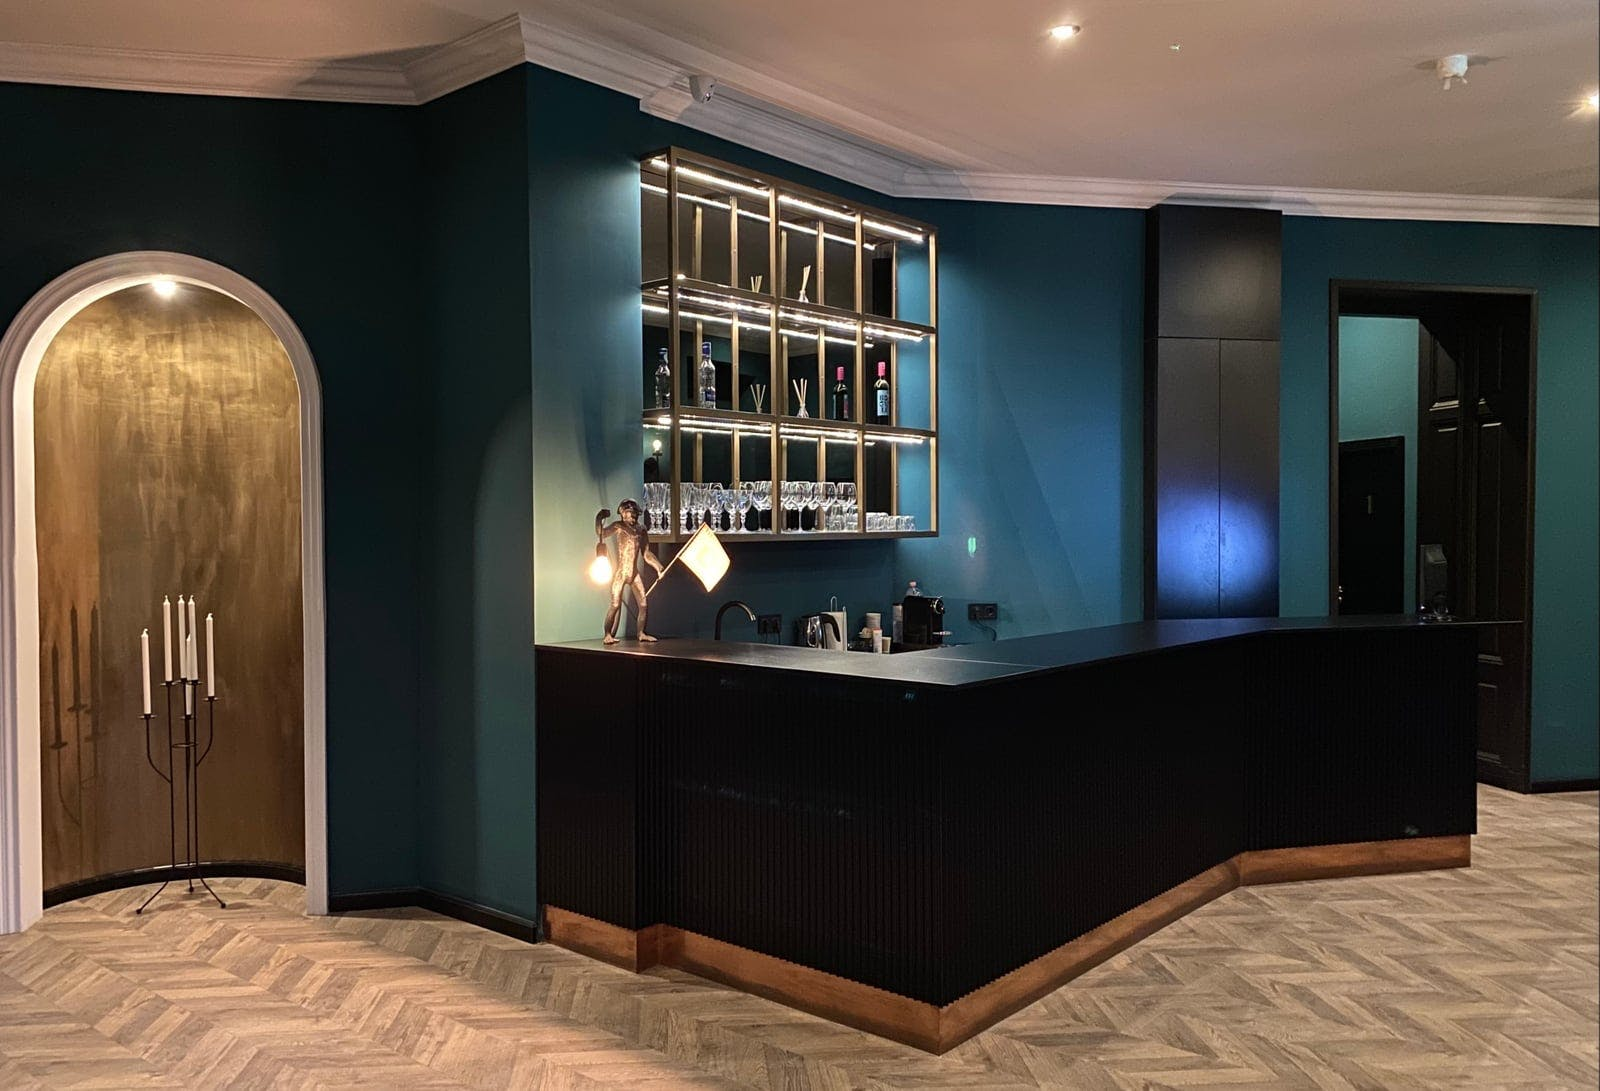 Hotel Rumor bar